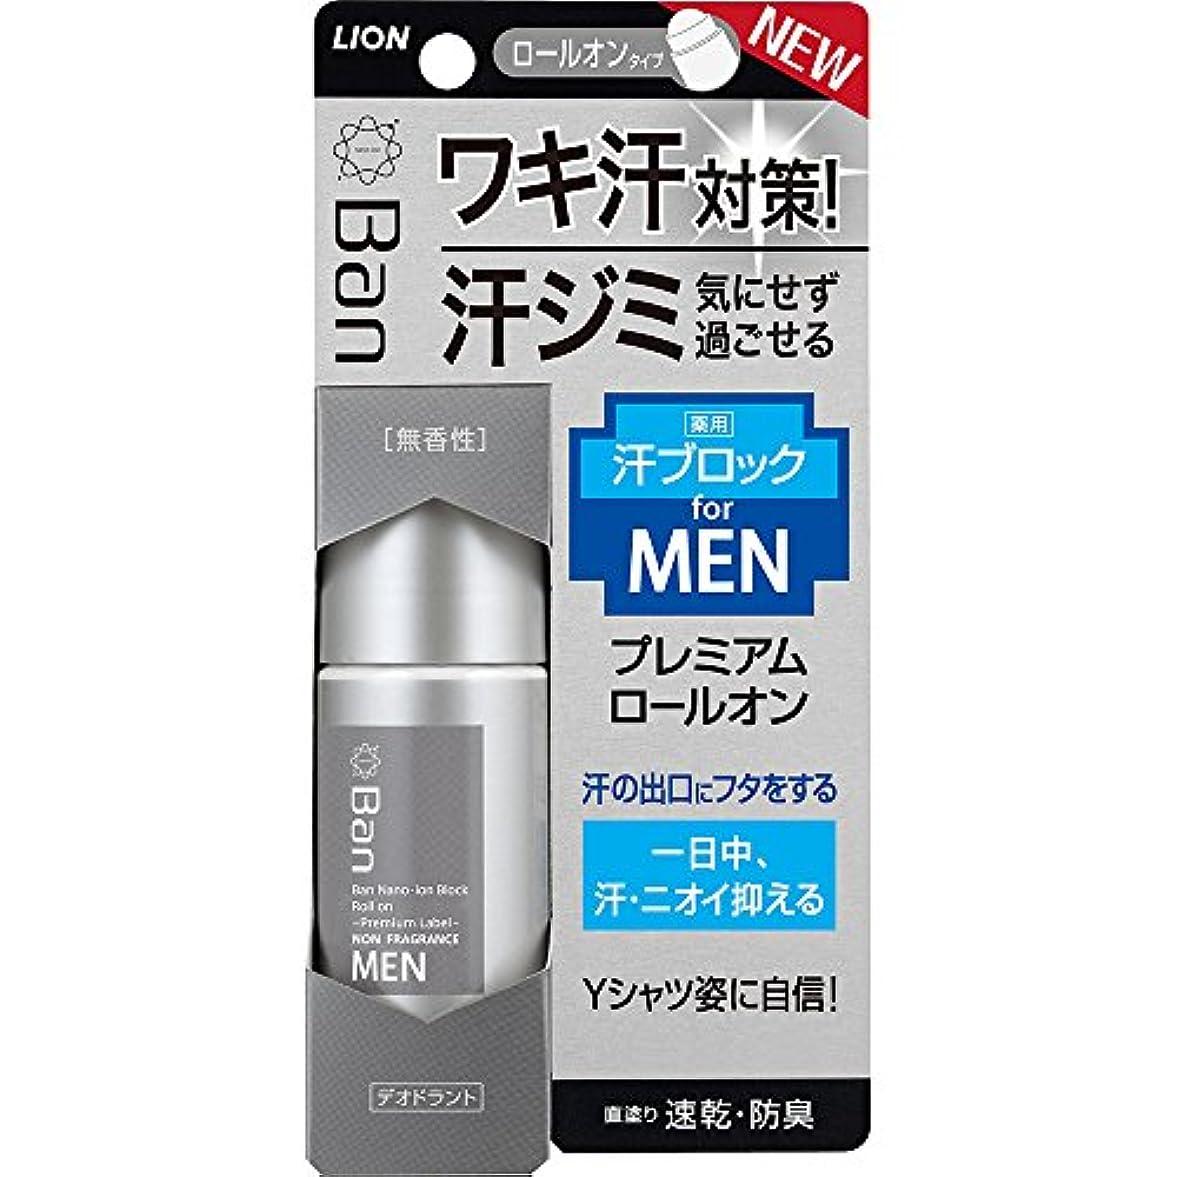 エクスタシー人気文字通りBan(バン) 汗ブロックロールオン プレミアムラベル 男性用 無香性 40ml(医薬部外品)